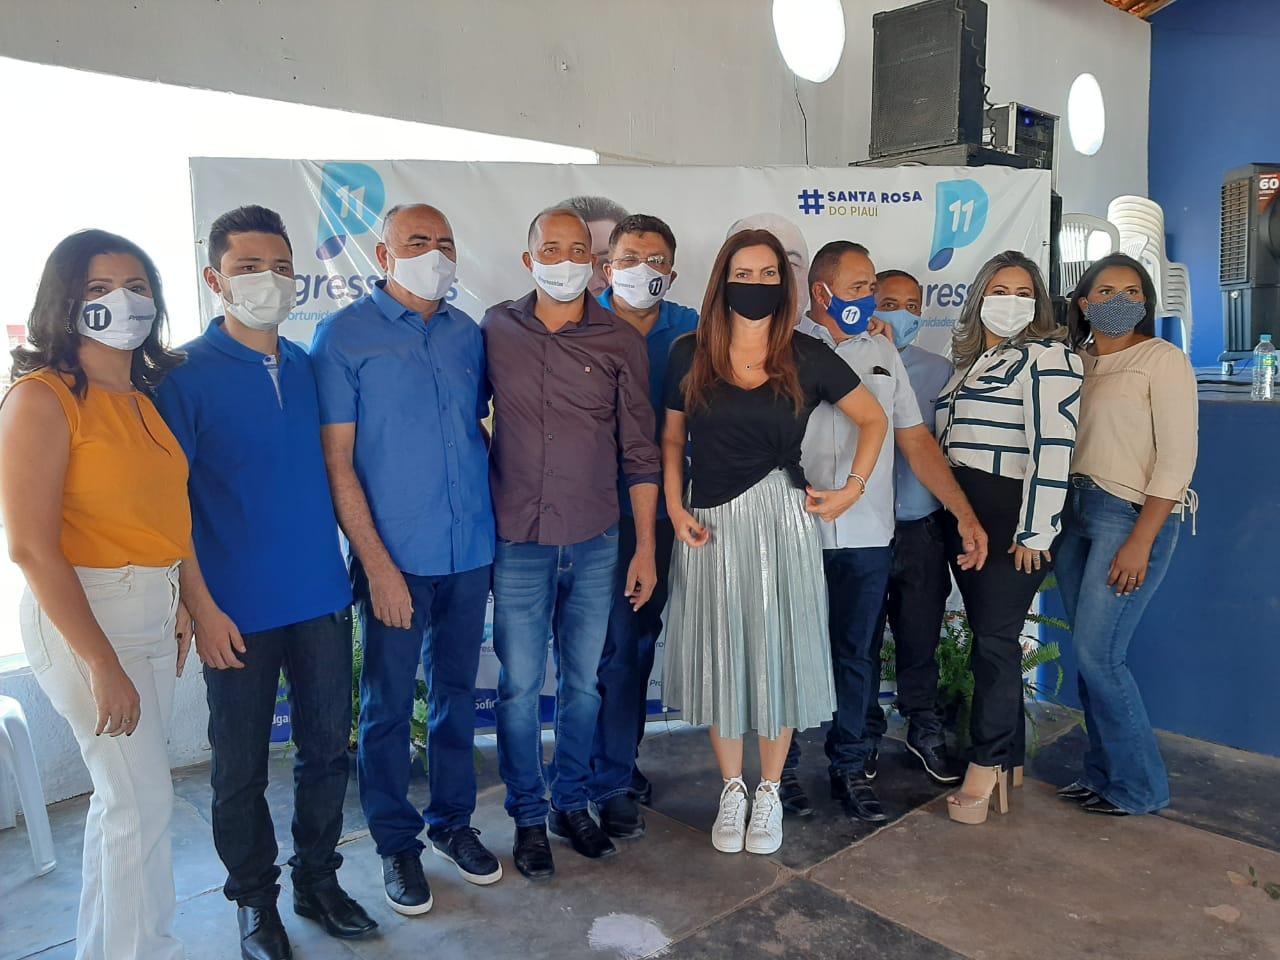 PP realiza convenção e lança Edgar Castelo Branco e Mundô em Santa Rosa-PI 7